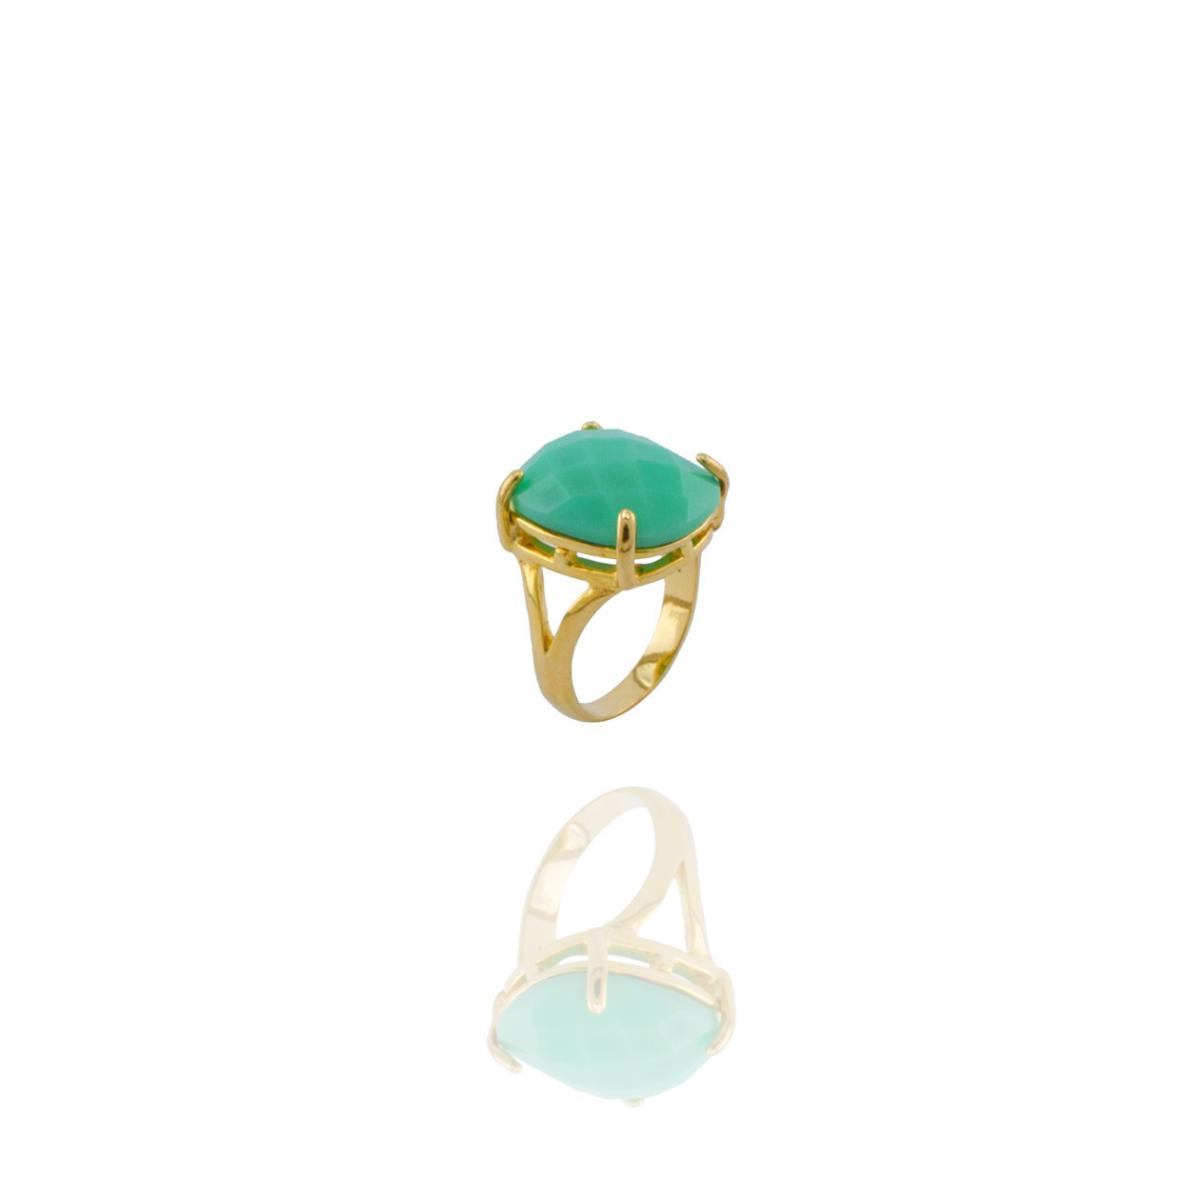 Anel Barbara Strauss Semi Joia Isla em Resina Lalique Verde, Rev. Em Ouro Amarelo 18K